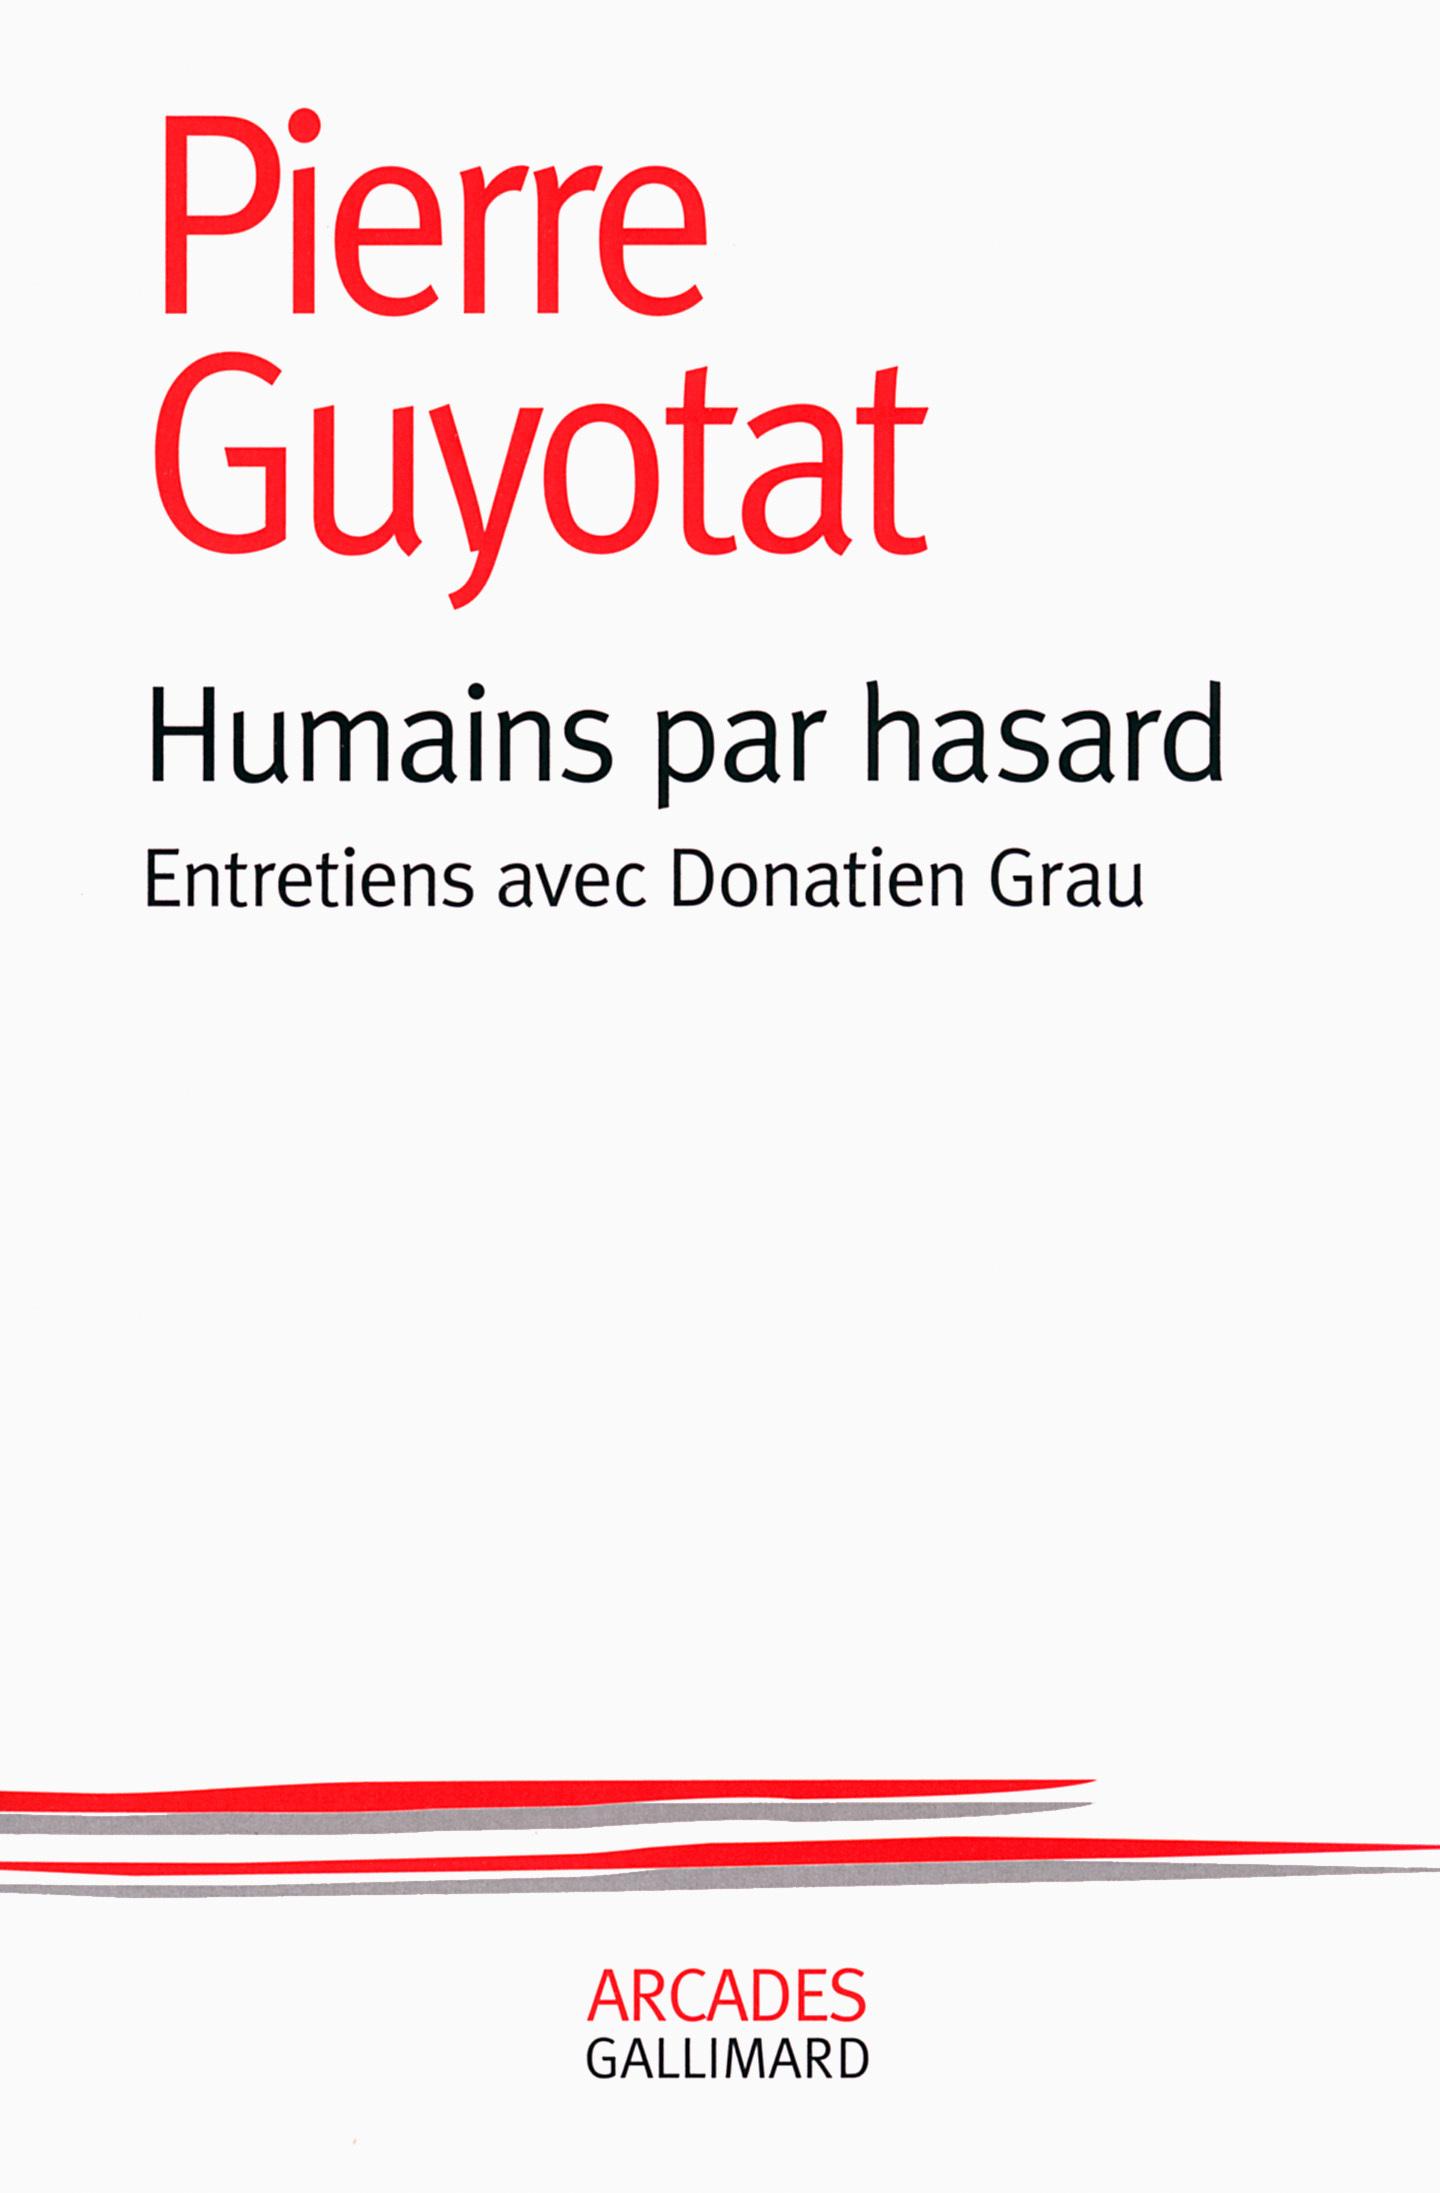 HUMAINS PAR HASARD ENTRETIENS AVEC DONATIEN GRAU